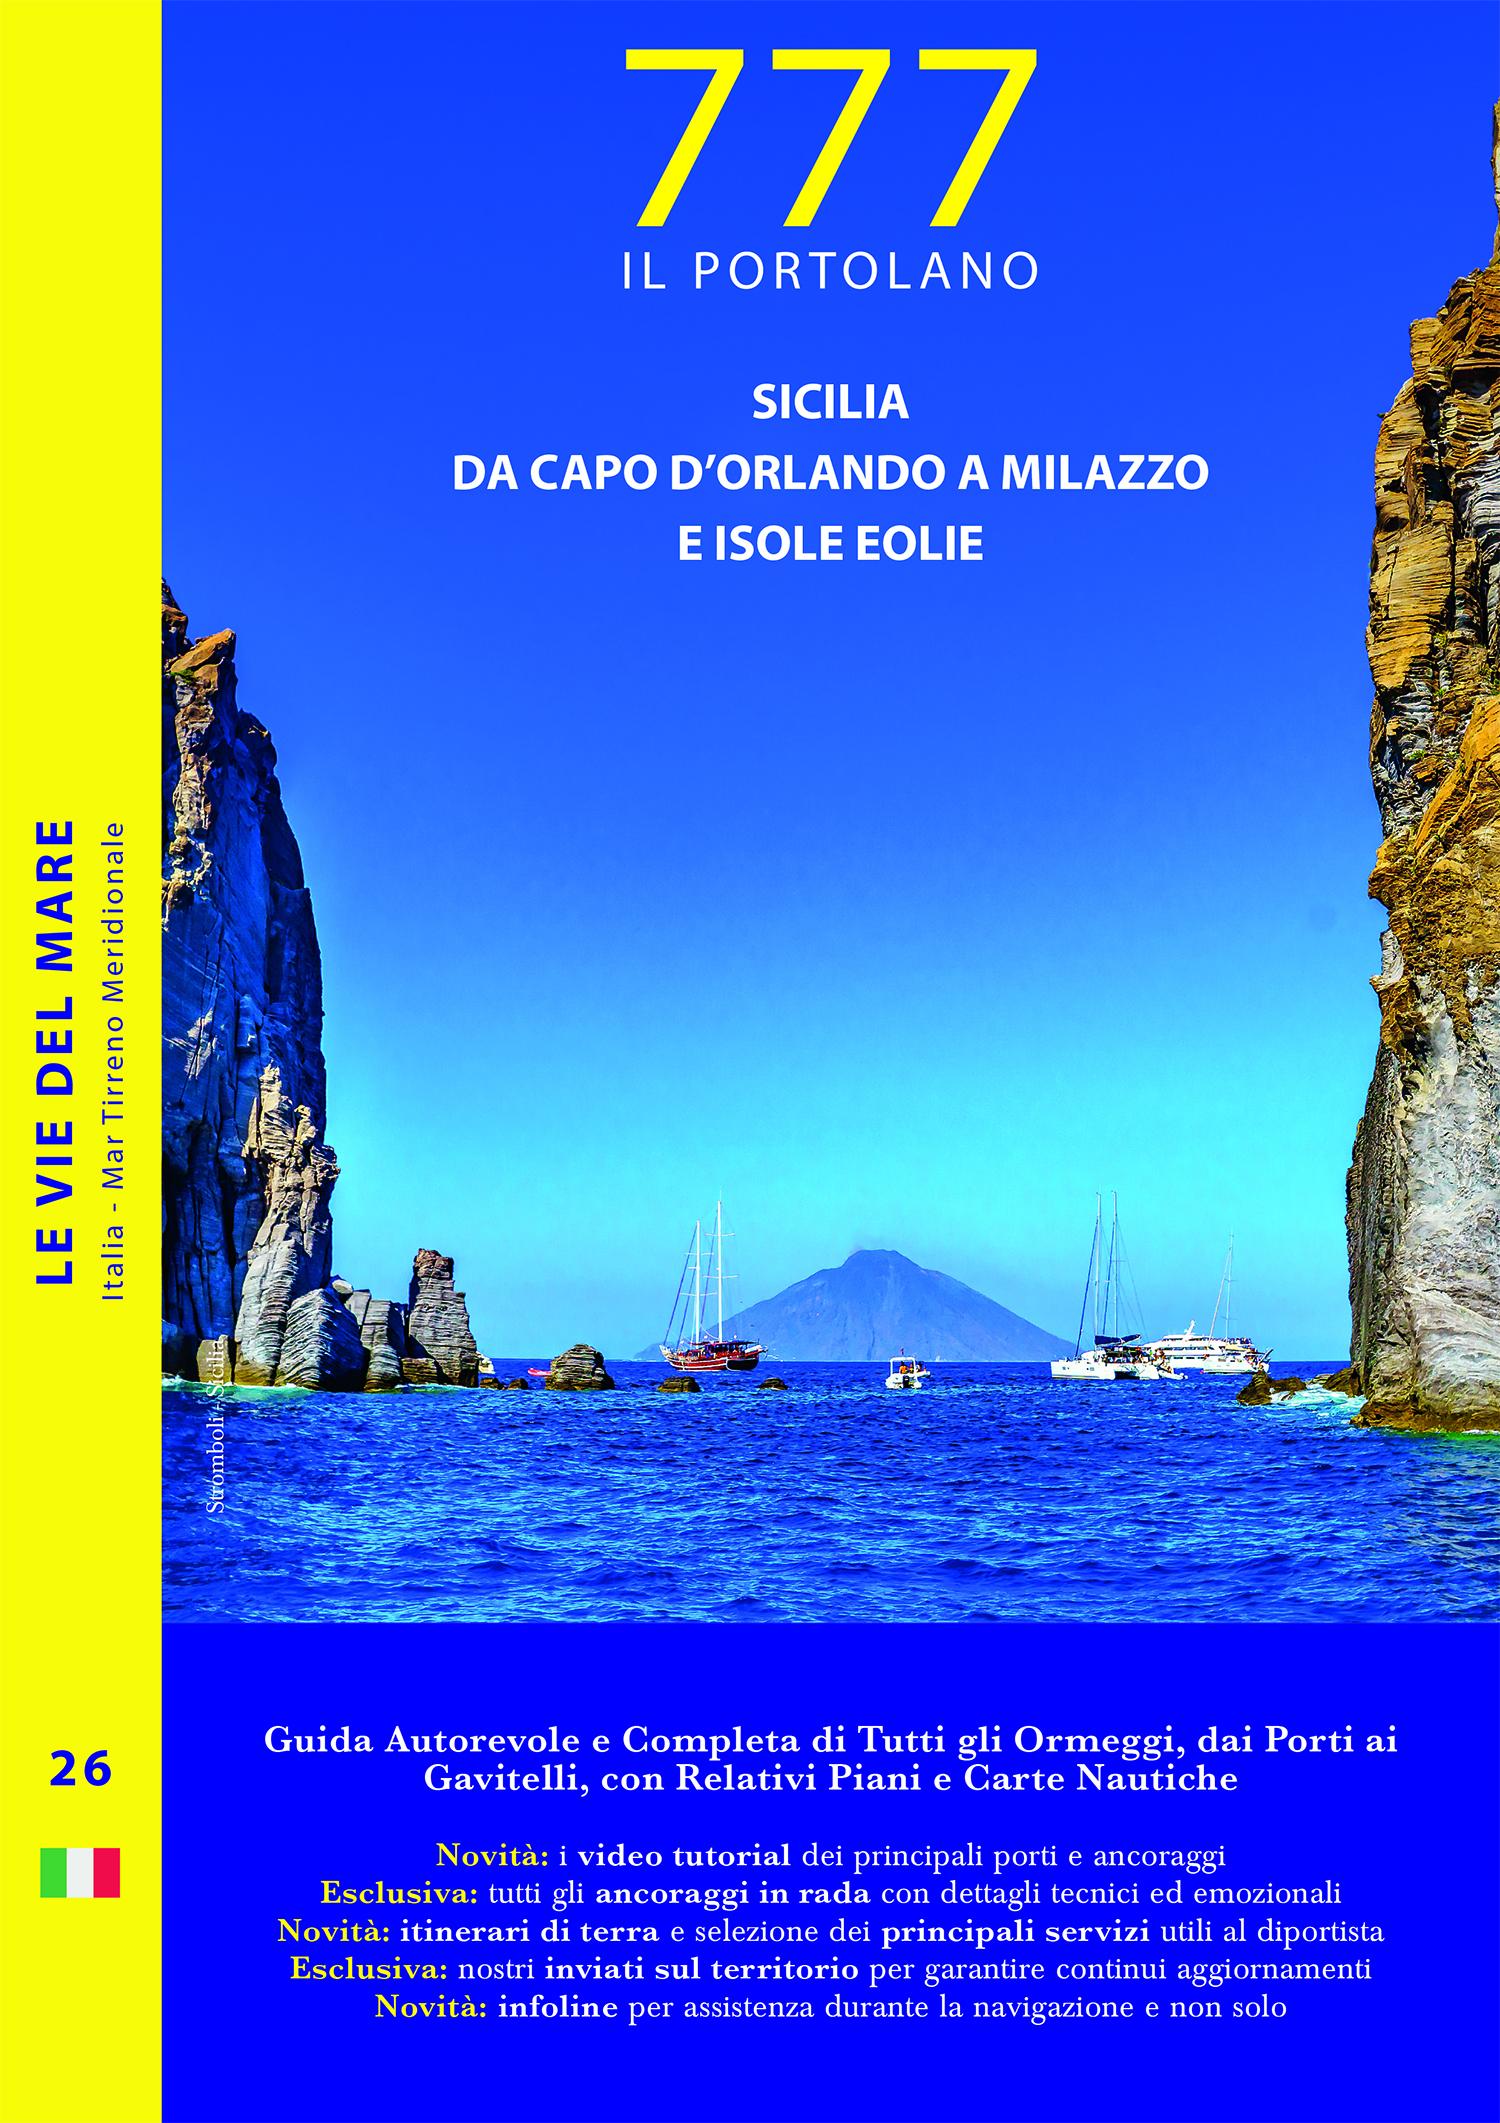 Sicilia – Da Capo d'Orlando a Milazzo e Isole Eolie